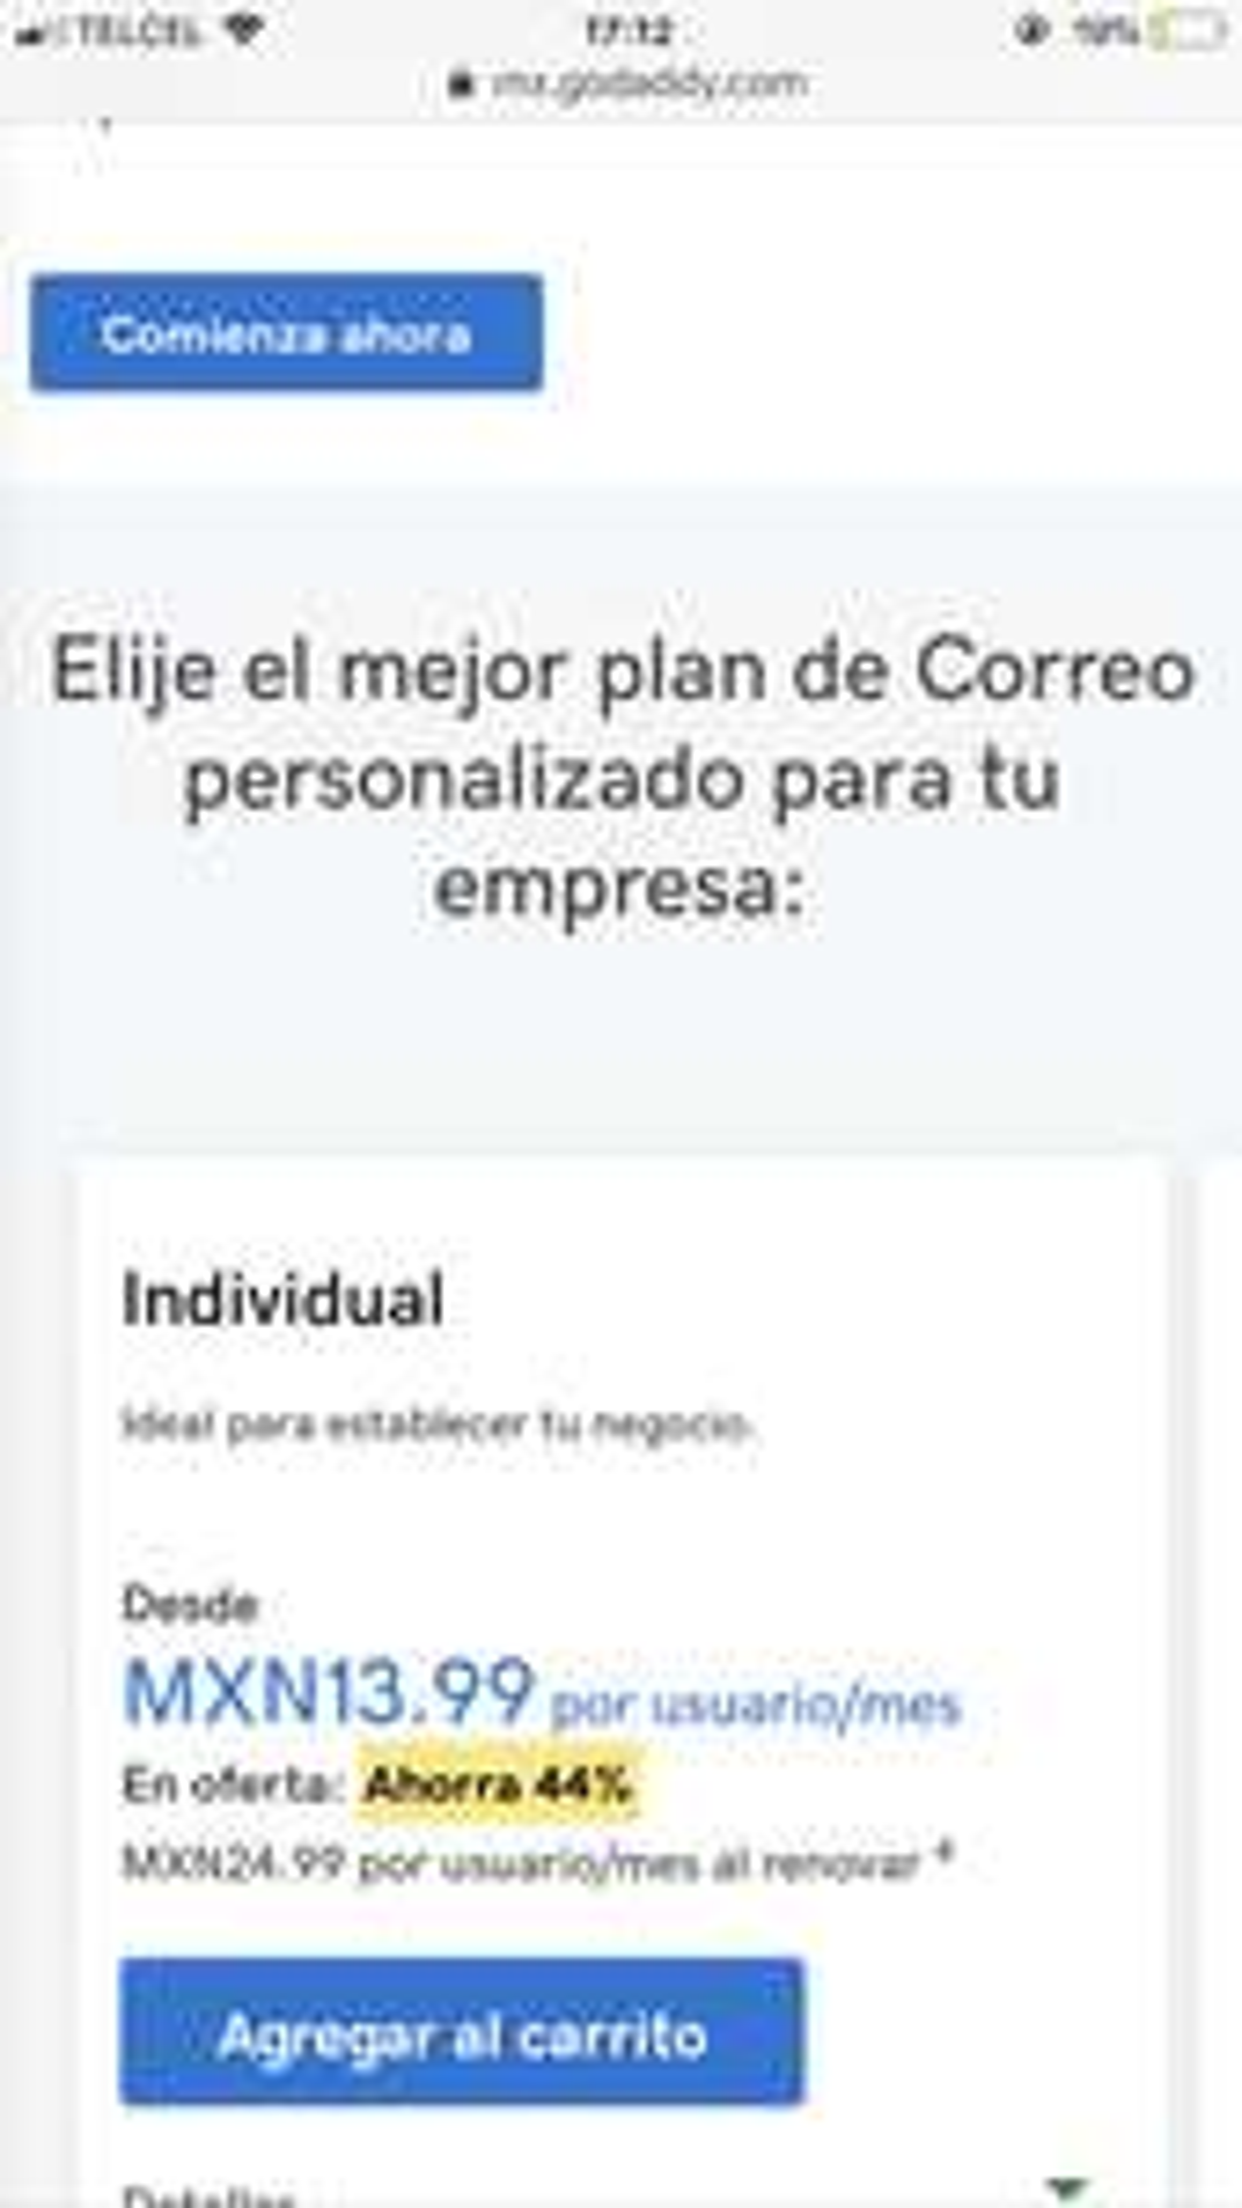 GoDaddy: Correo personalizado